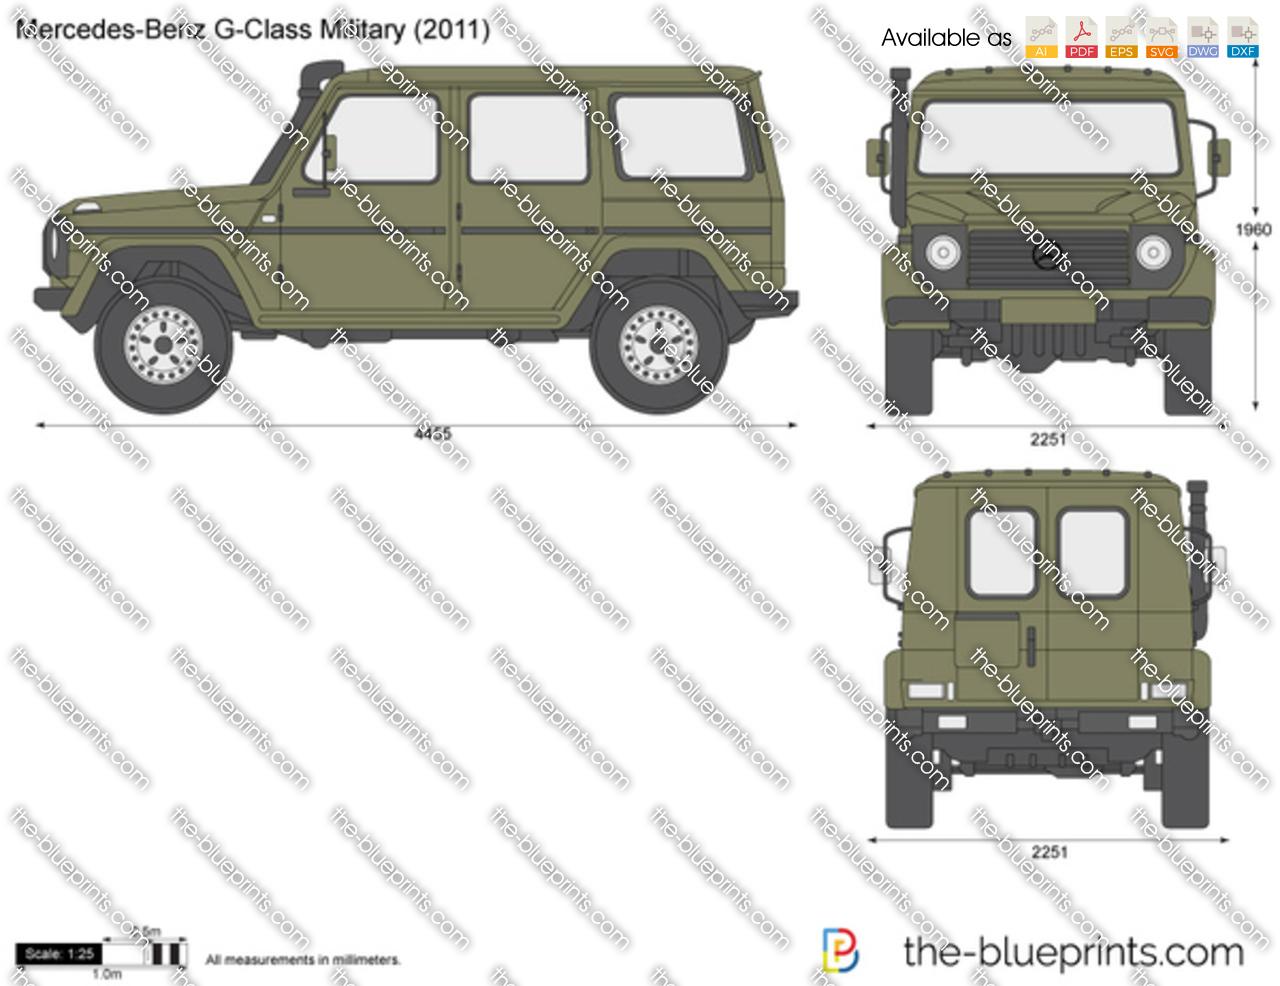 Mercedes-Benz G-Class Military 461 2008